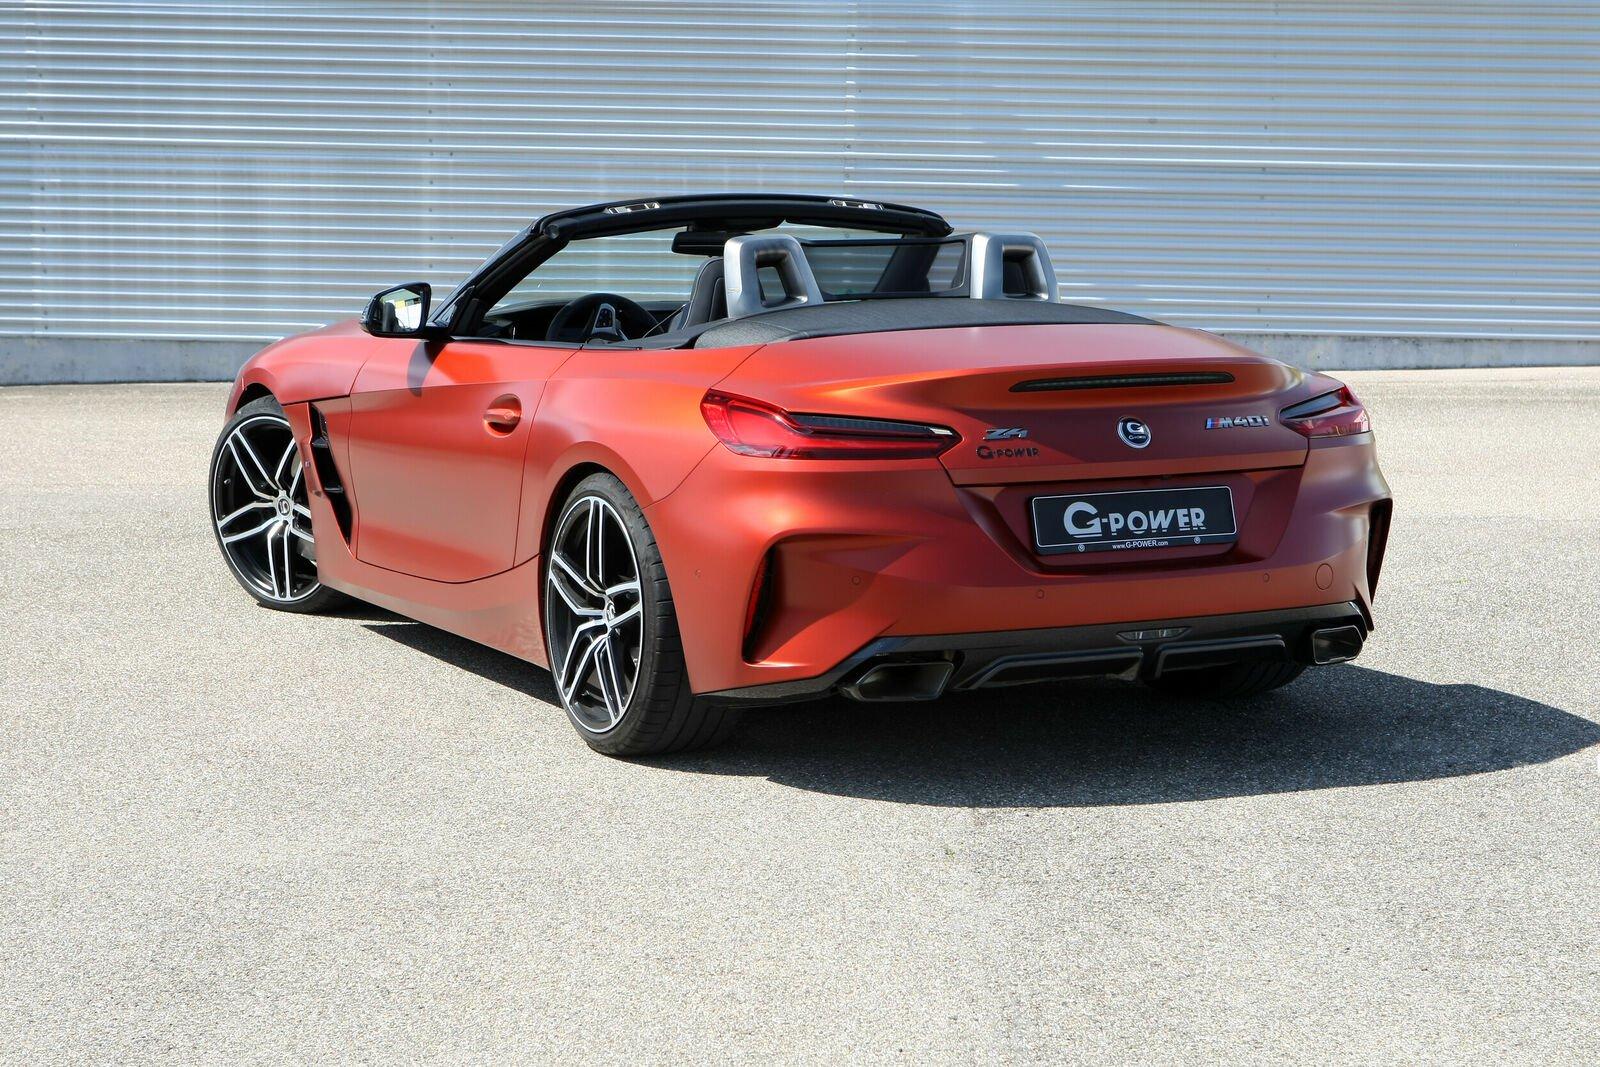 BMW-Z4-M40i-by-G-Power-4